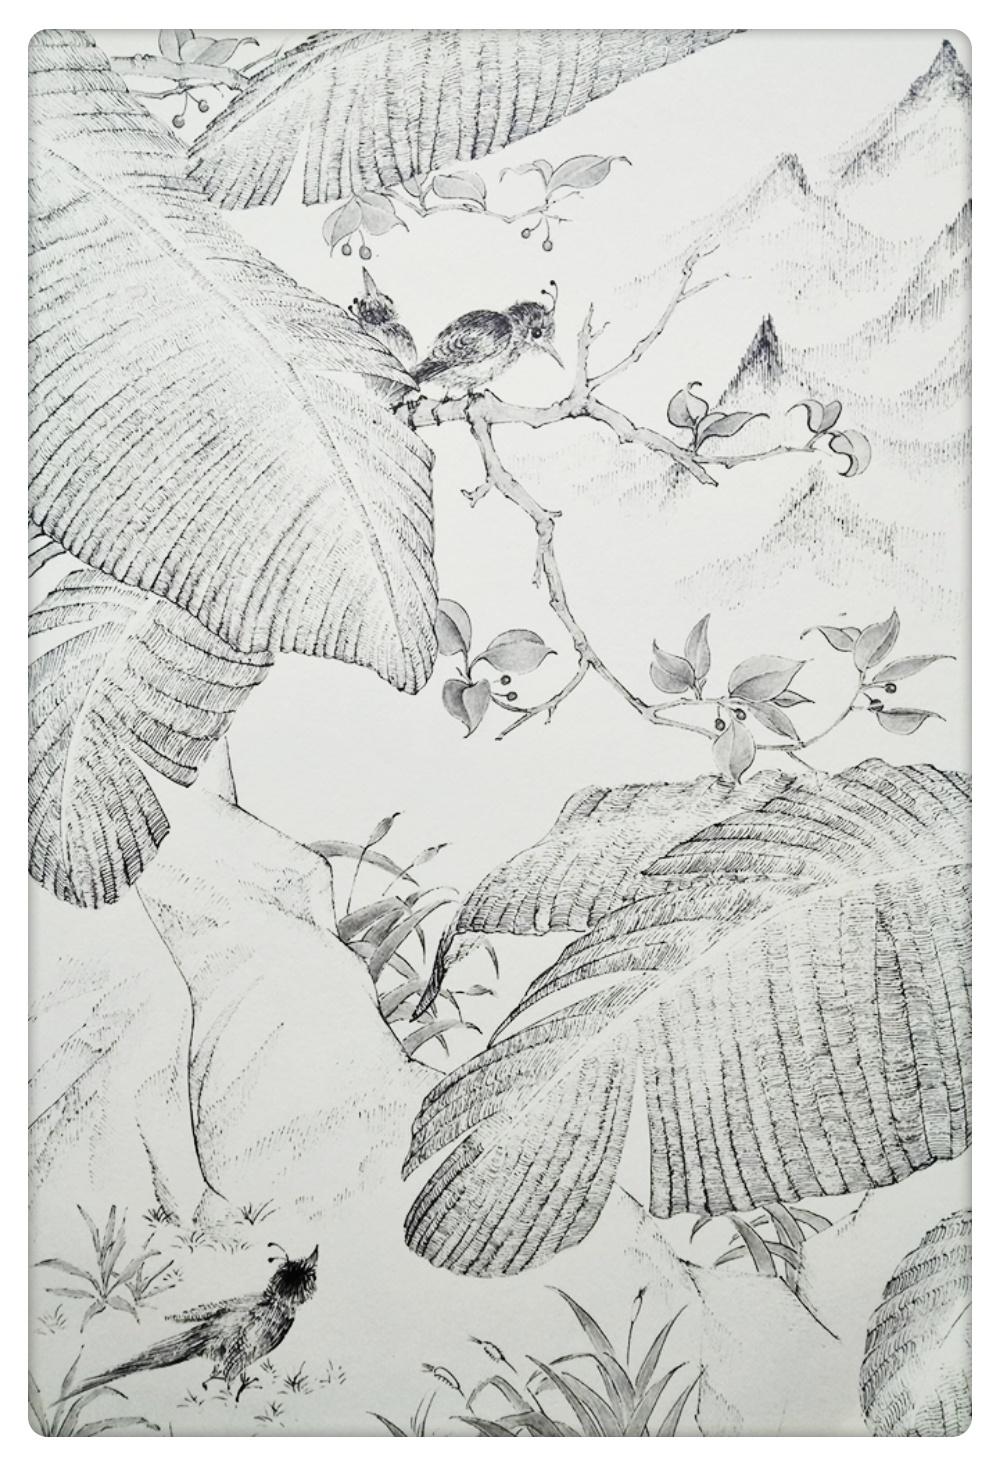 黑白线描风景插画